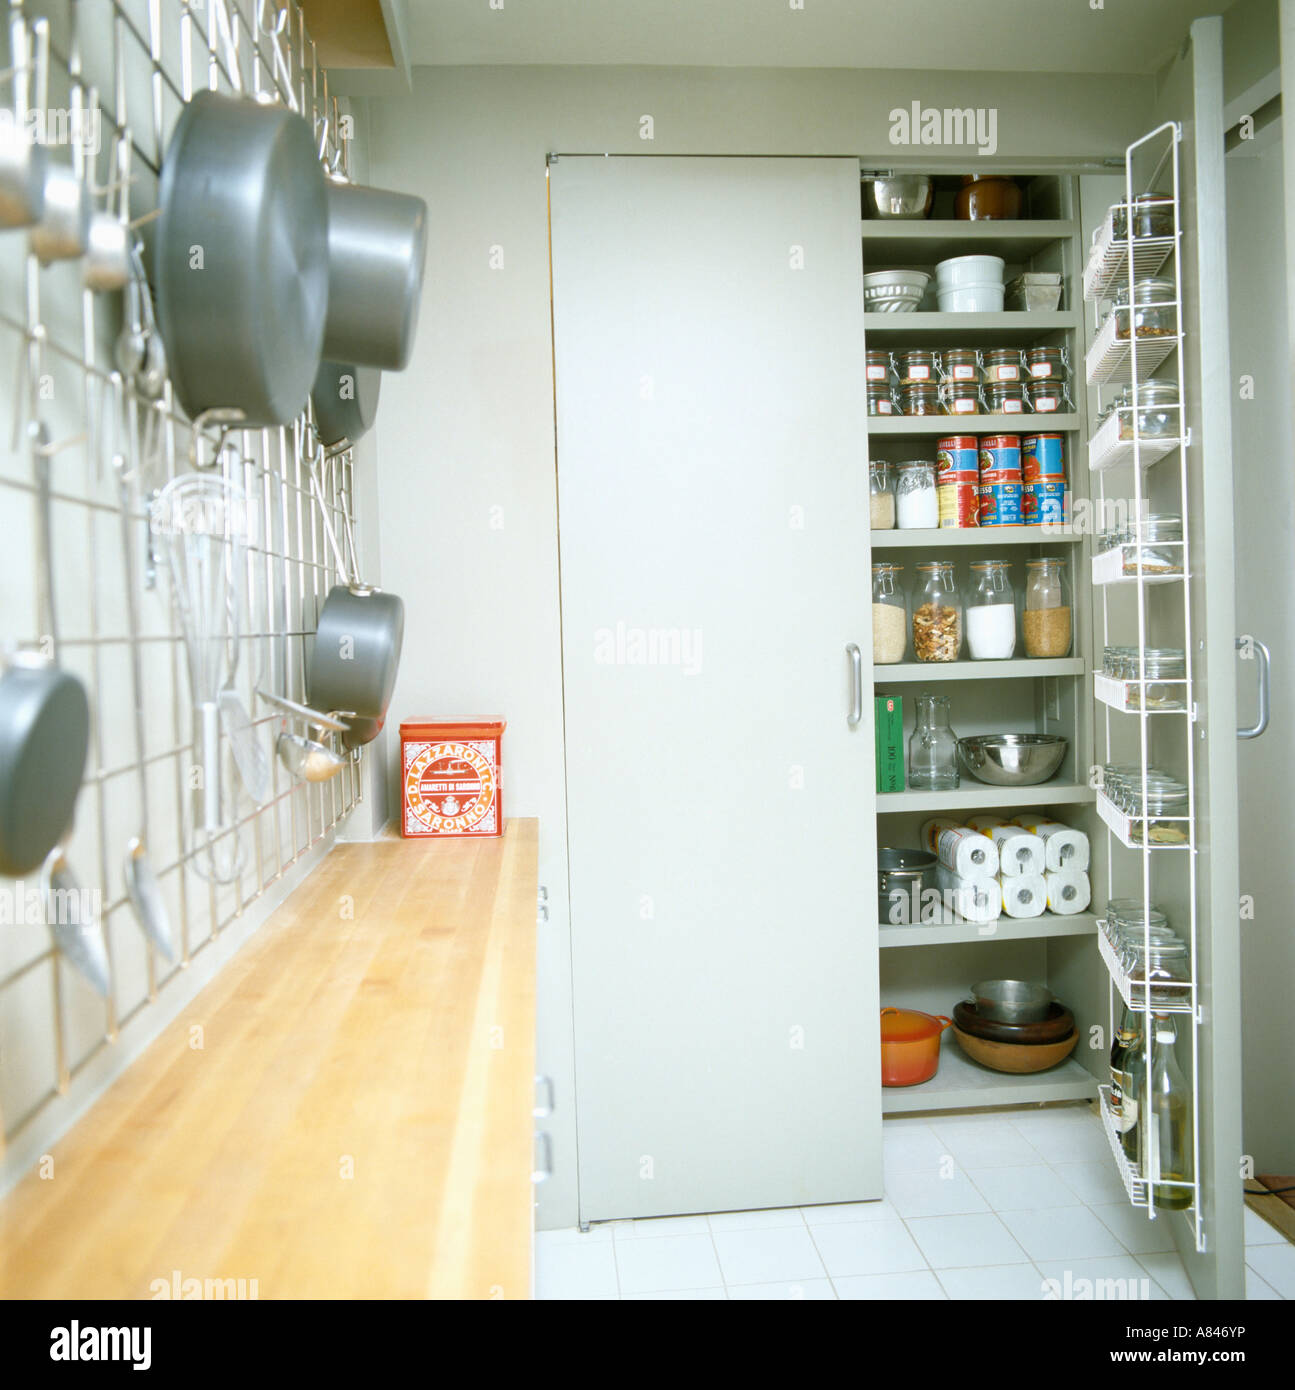 Vorratsschrank Küche offene tür für vorratsschrank schrank mit regalen in pantry küche